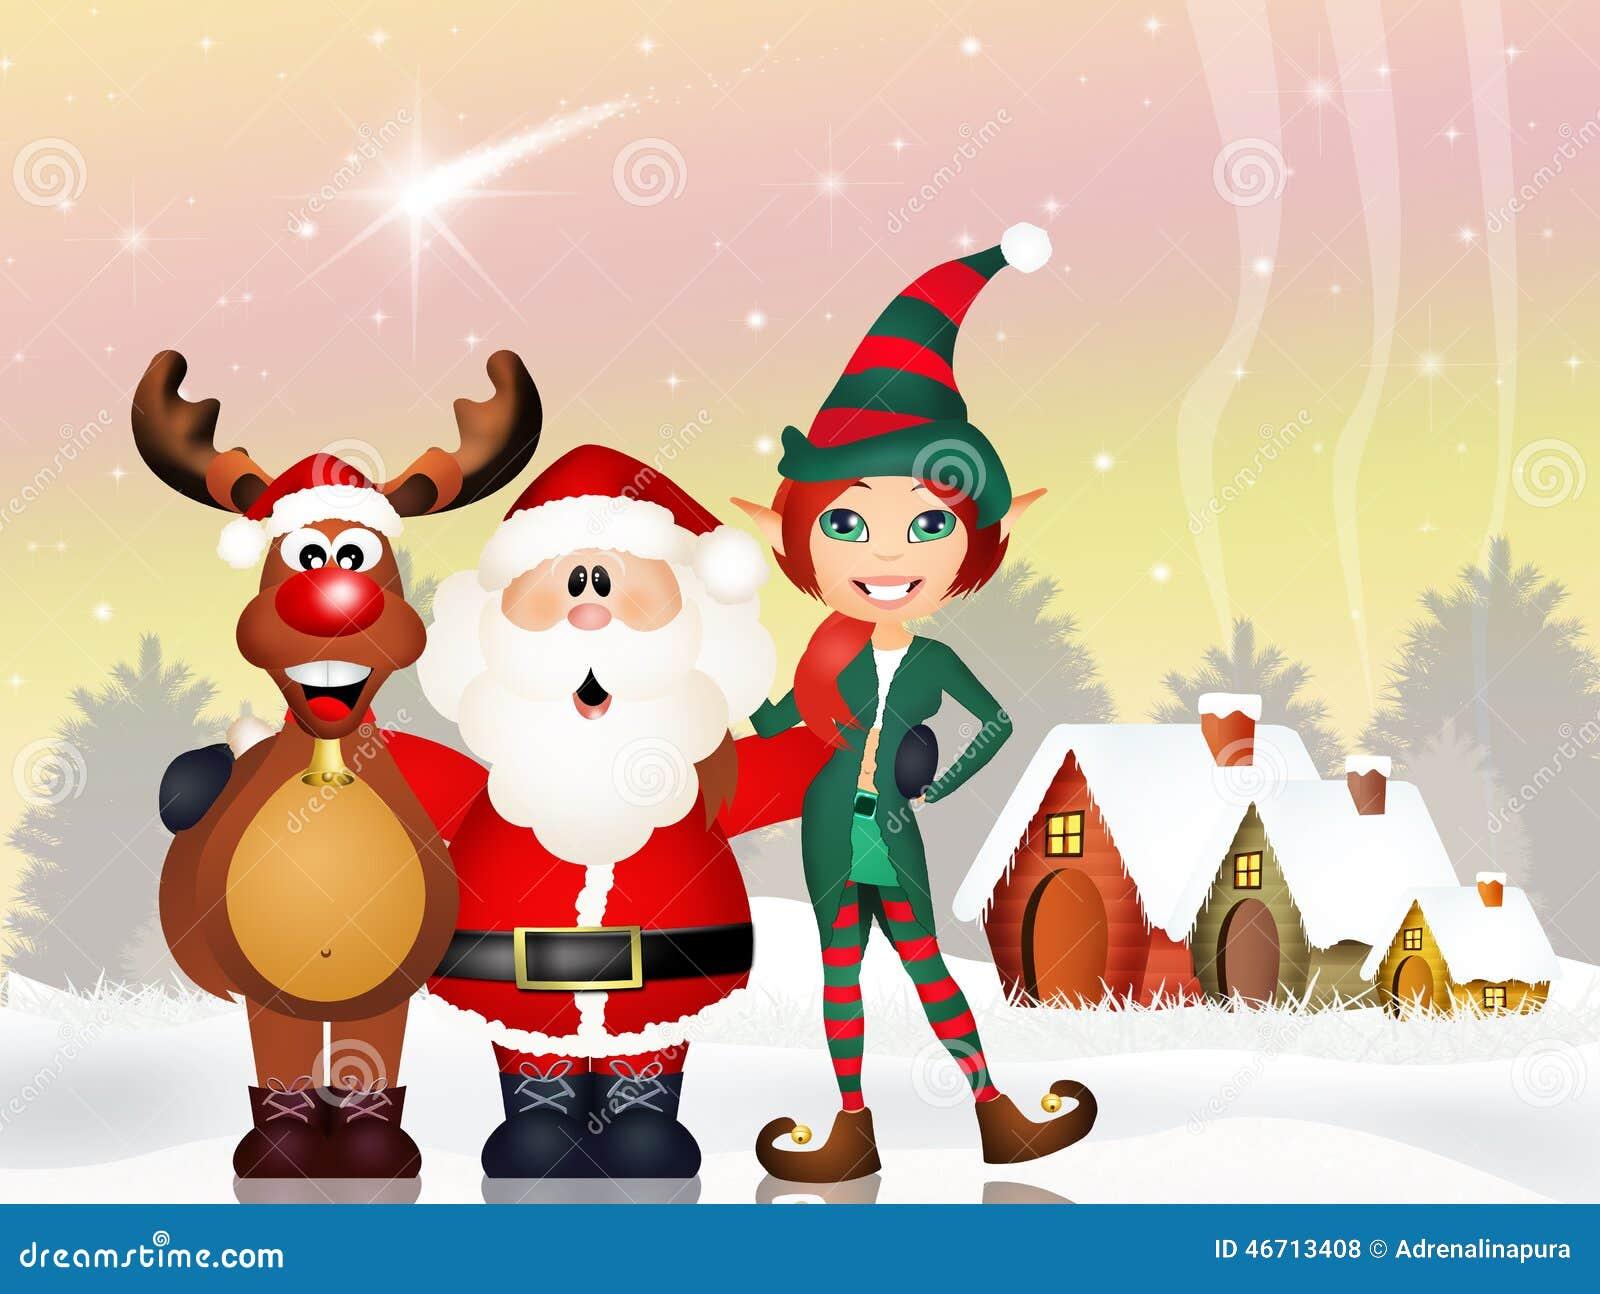 Babbo Natale E Gli Elfi.Il Babbo Natale Renna Ed Elfo Illustrazione Di Stock